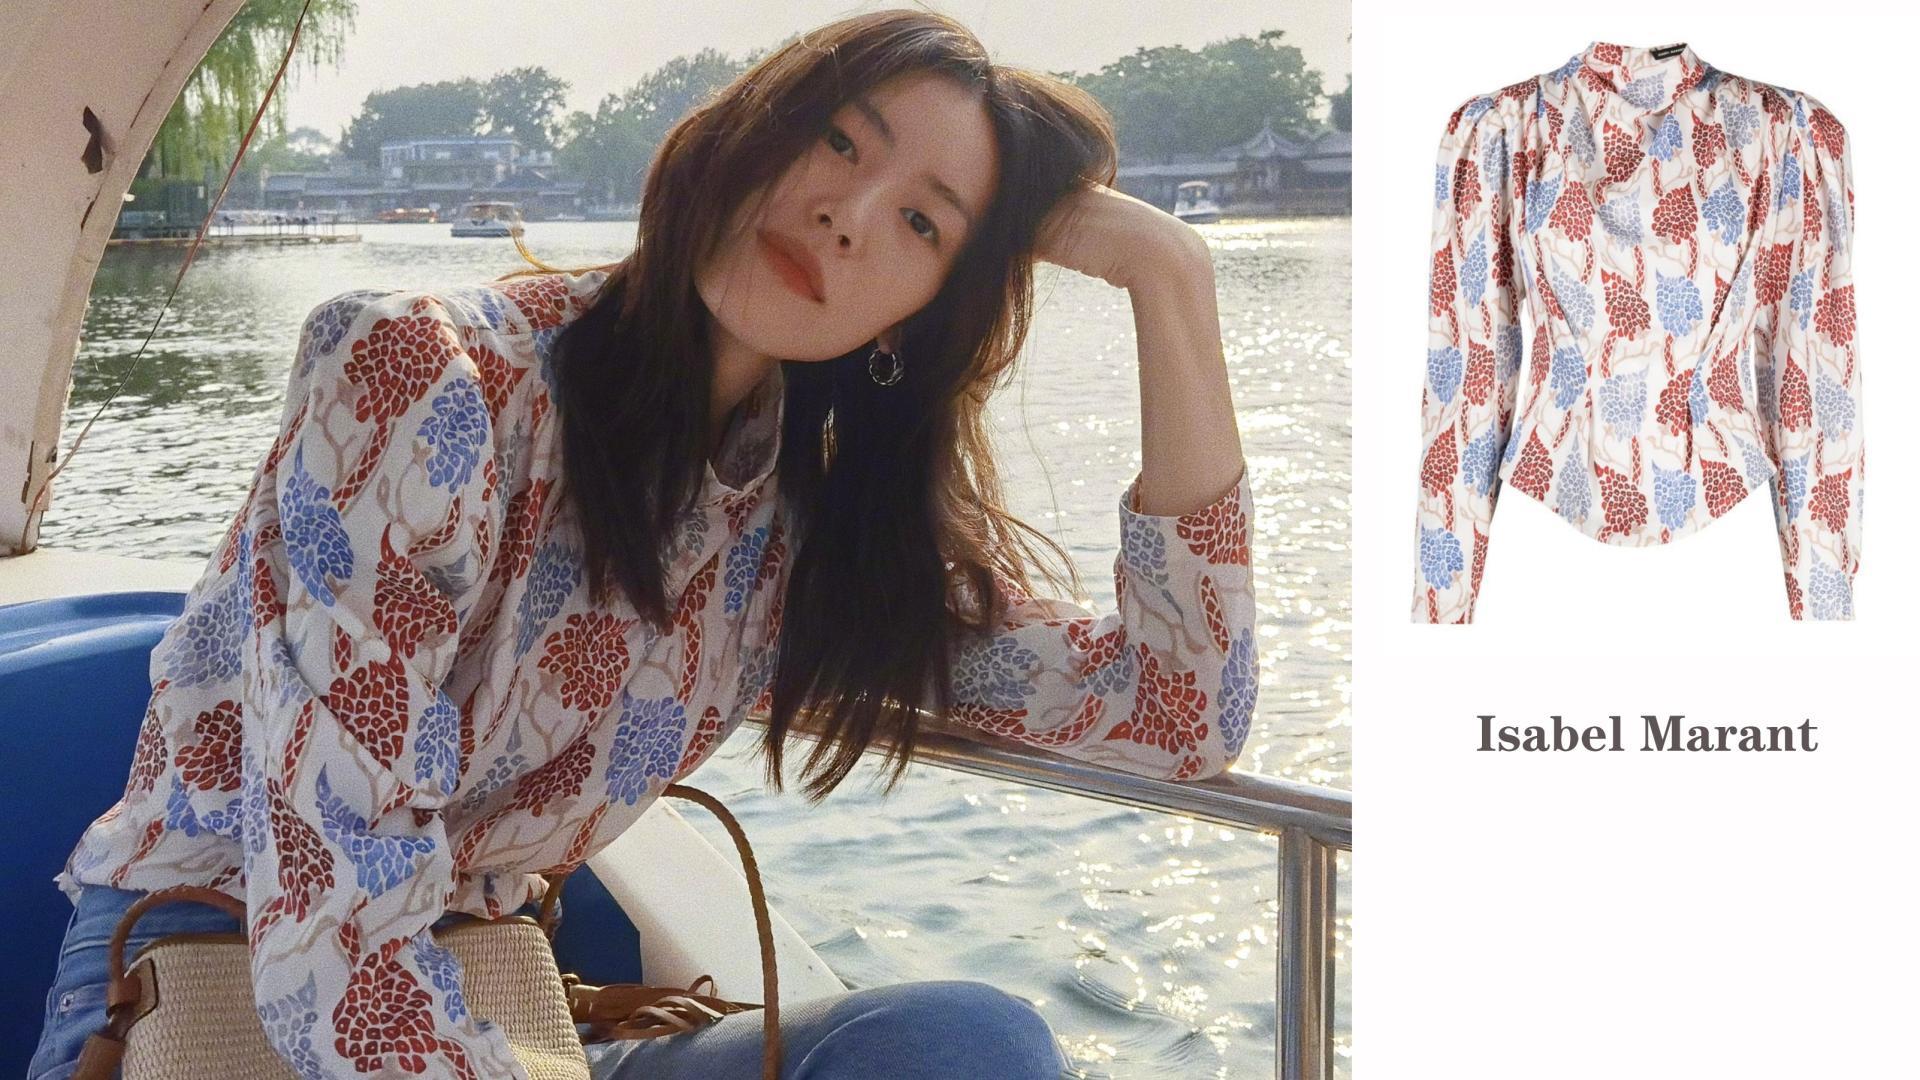 秋季衬衫如何挑选+穿搭?刘雯8套衬衫私服,教你走路带风、潇洒优雅